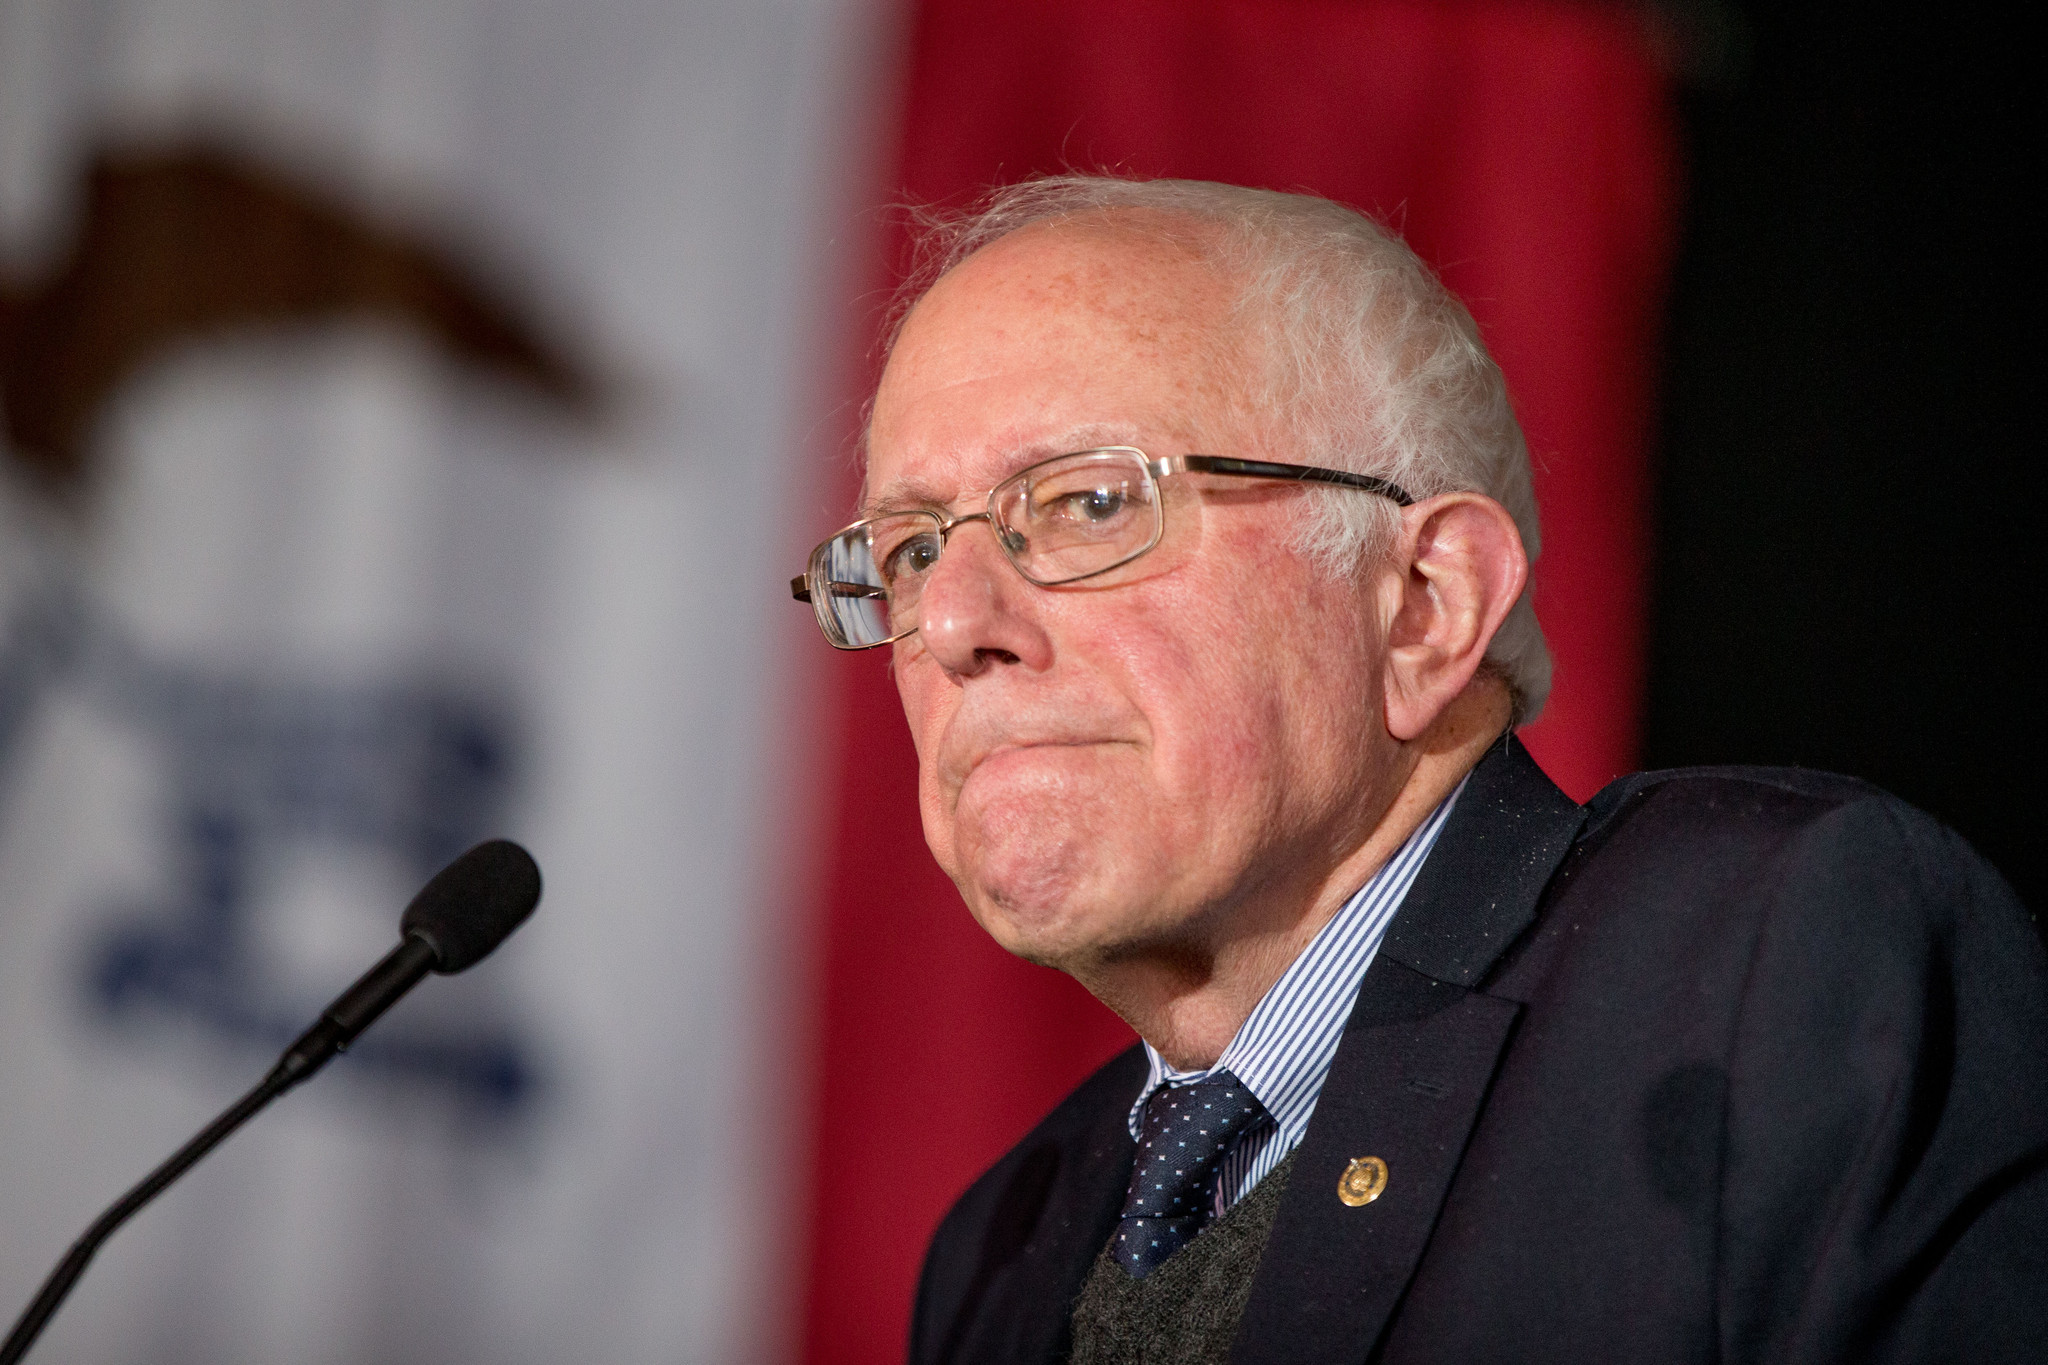 Bernie Sanders misfires on gun law repeal - Chicago Tribune